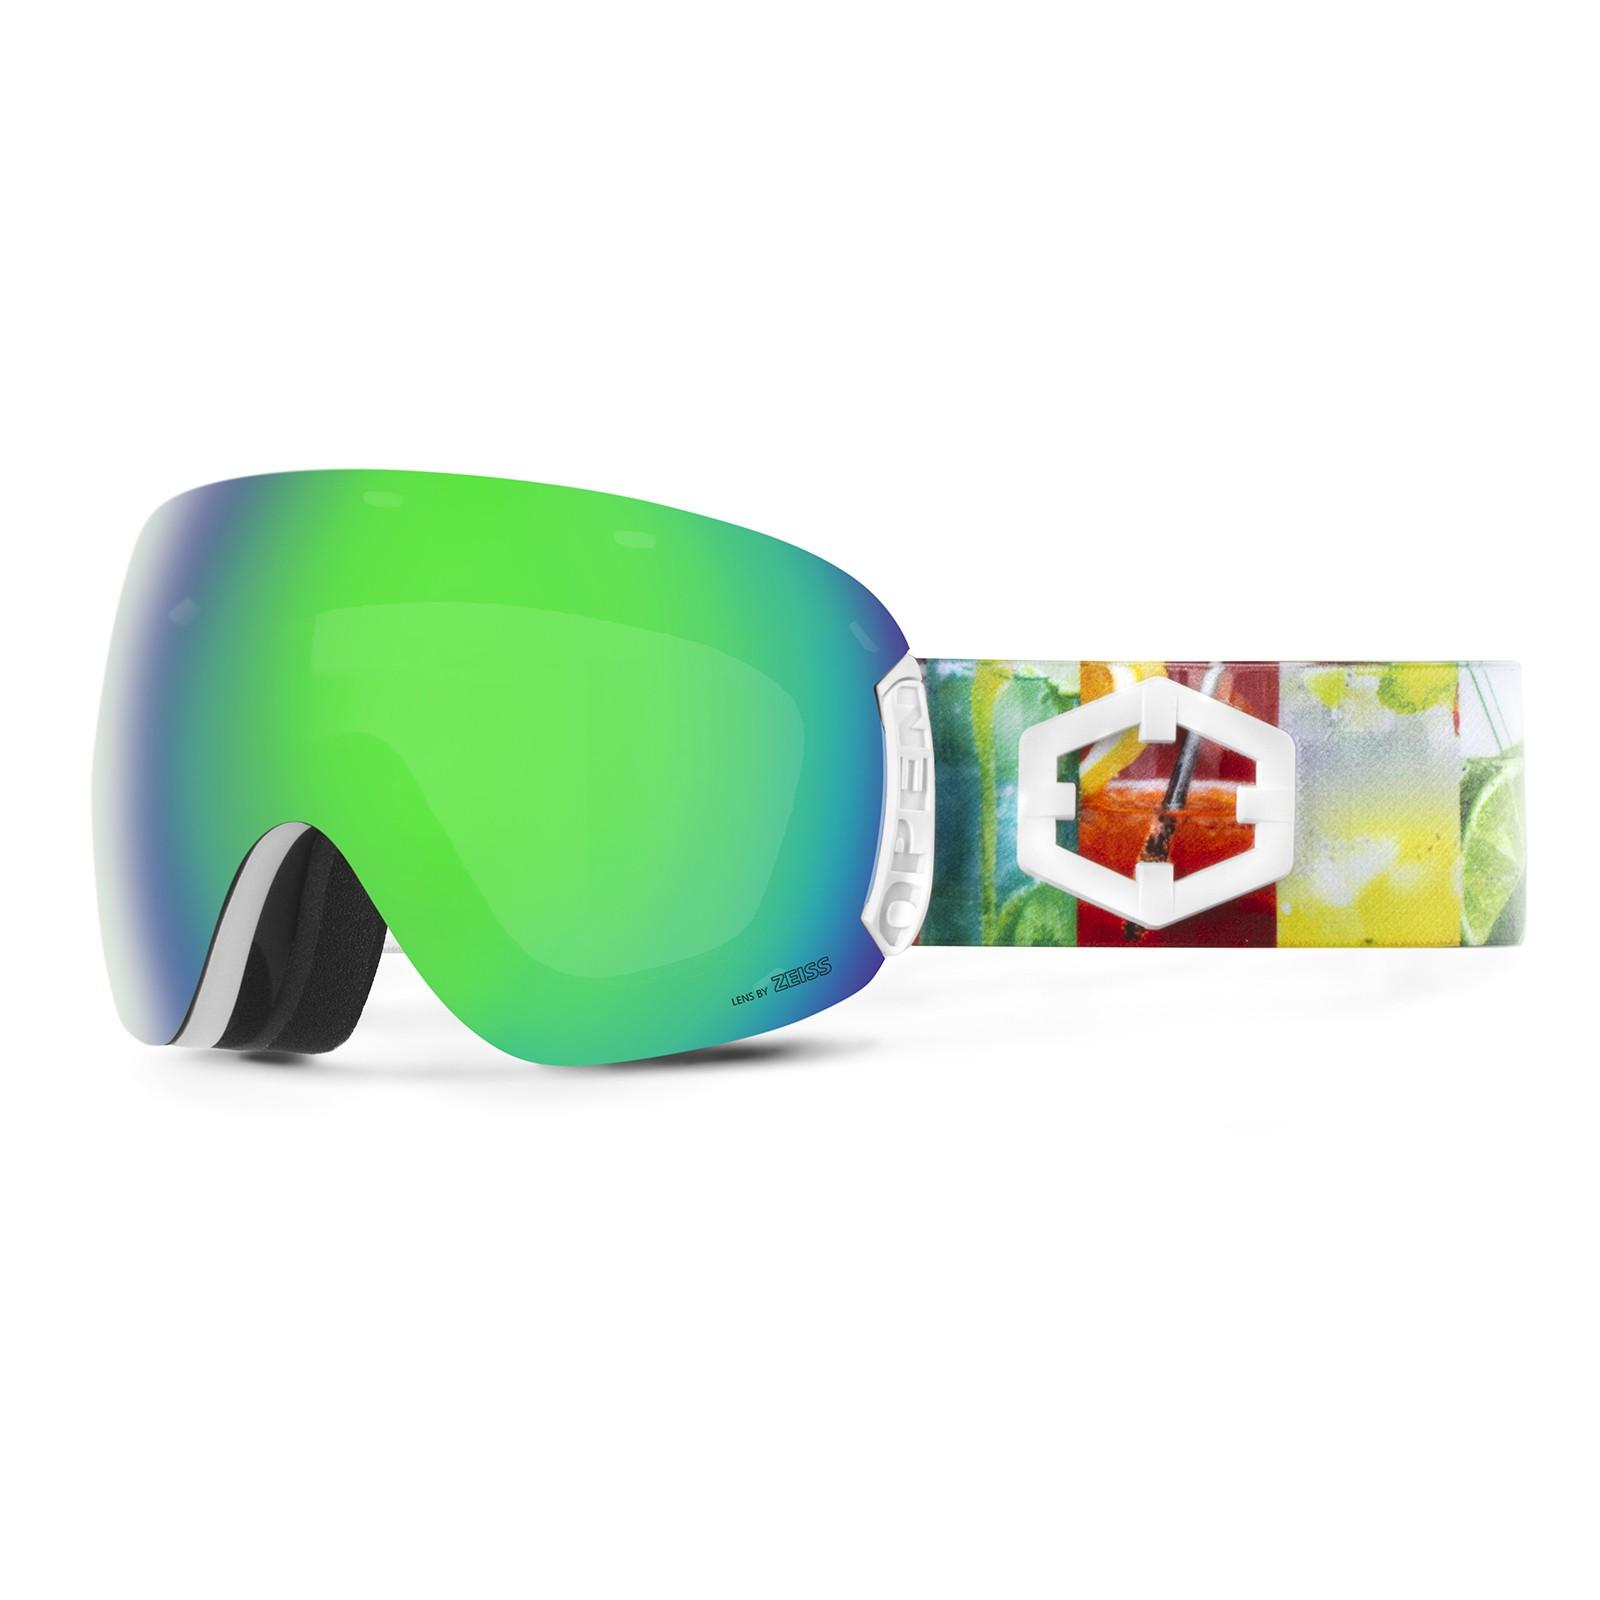 Open Apres ski Green mci goggle